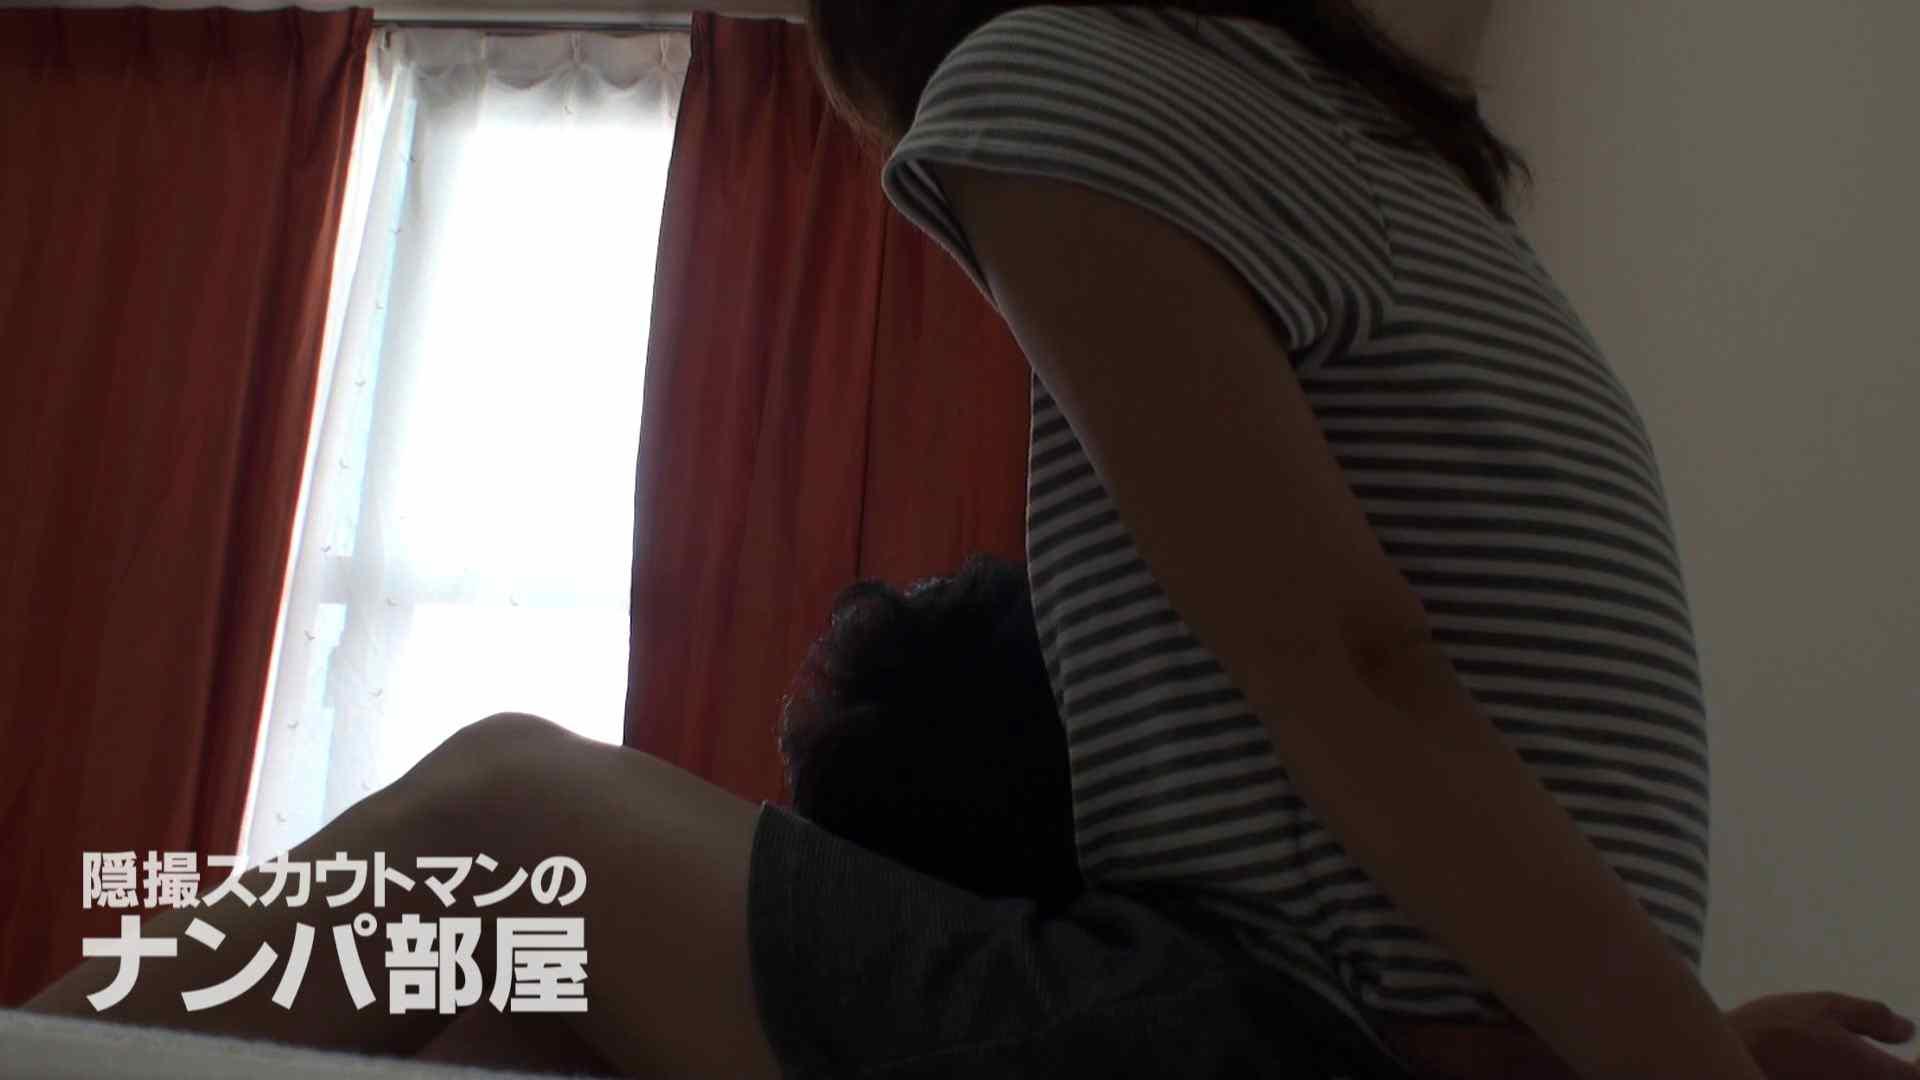 隠撮スカウトマンのナンパ部屋~風俗デビュー前のつまみ食い~ siivol.3 隠撮 | SEXプレイ  105連発 61